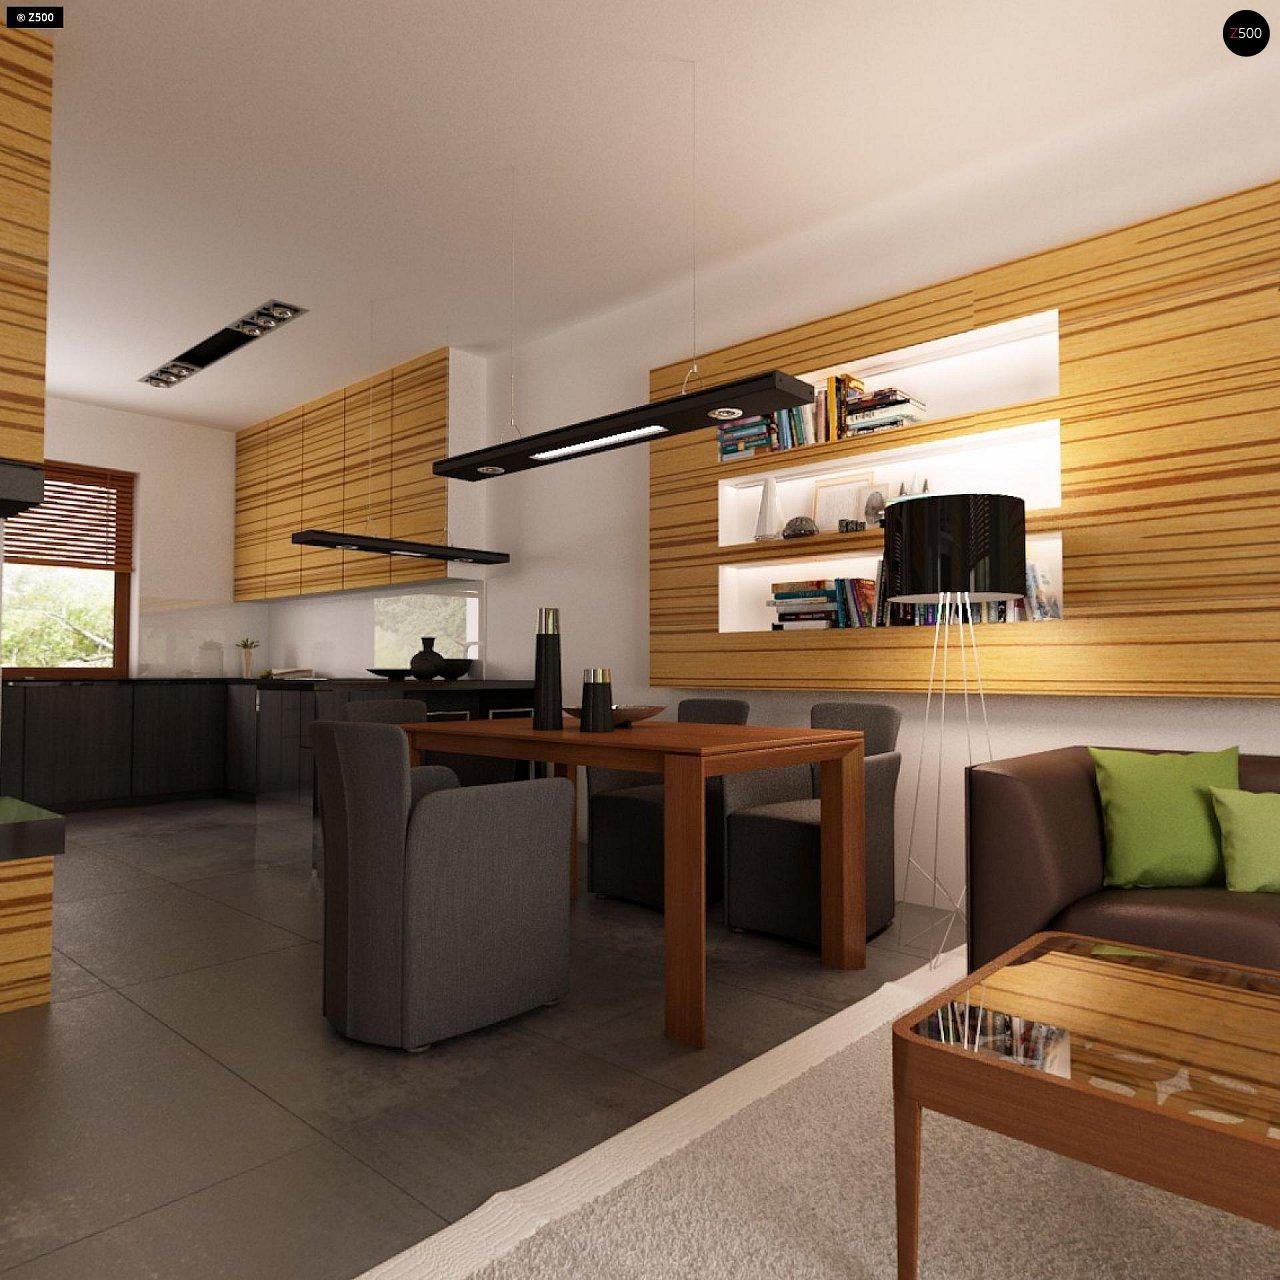 Проект одноэтажного практичного и уютного дома с крытой террасой. 5